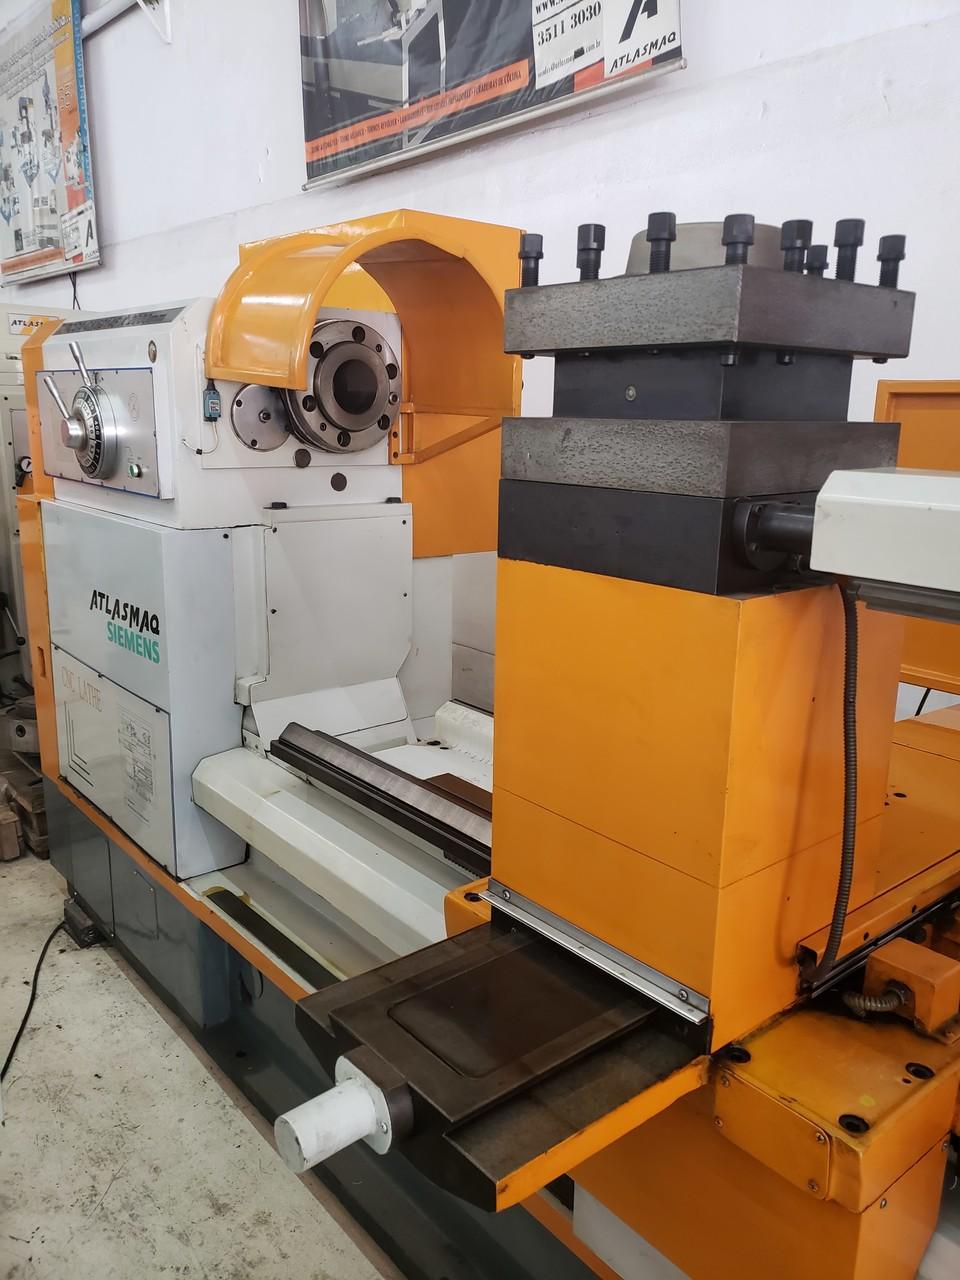 Torno Cnc Pesado Atlasmaq Tcga-Ck62145 X 2000mm - Maquina Nova uso de Show Room  - Atlasmaq